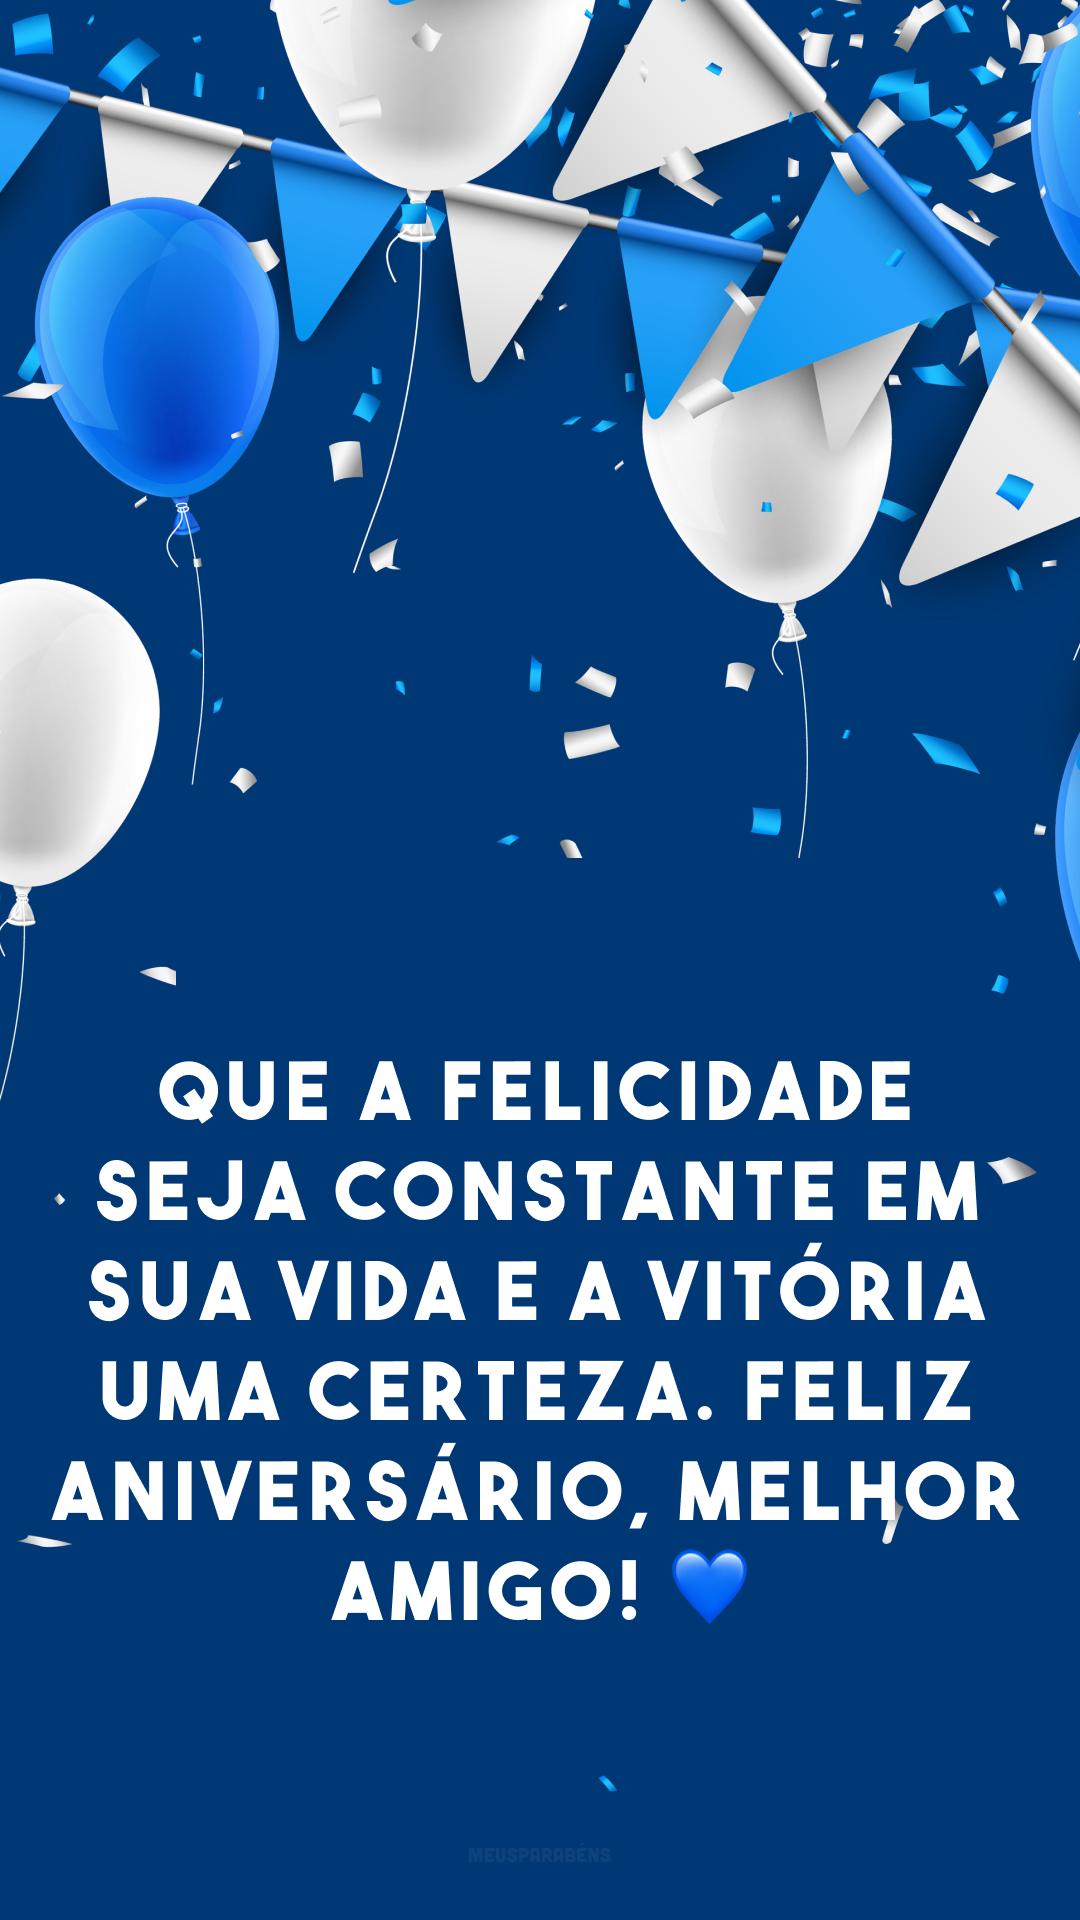 Que a felicidade seja constante em sua vida e a vitória uma certeza. Feliz aniversário, melhor amigo! 💙